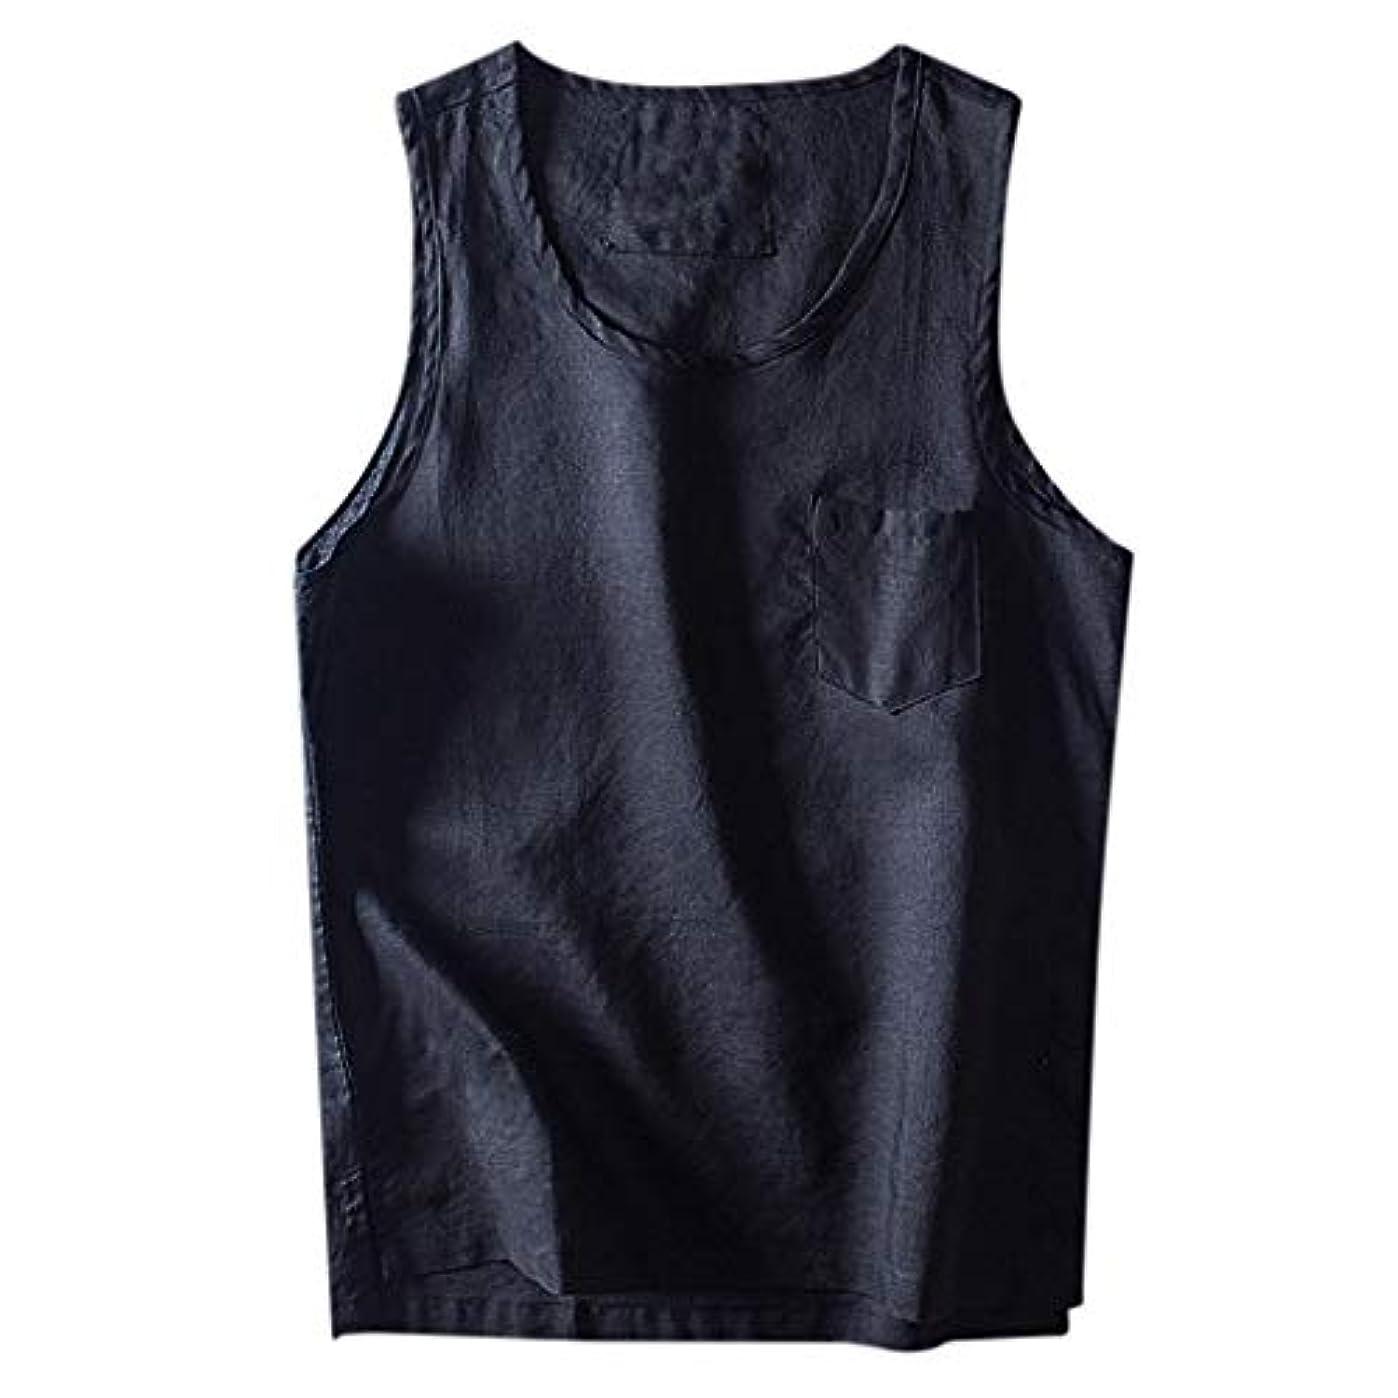 買い手あそこ連隊Wyntroy メンズトップス 和風 ノースリーブ 単色 メンズシャツ スポーツウェア 男達ジムフィットネス トップス 綿麻 スポーティー シャツ ランニング ジョギング シャツ 夏秋 トレーニング スーツ